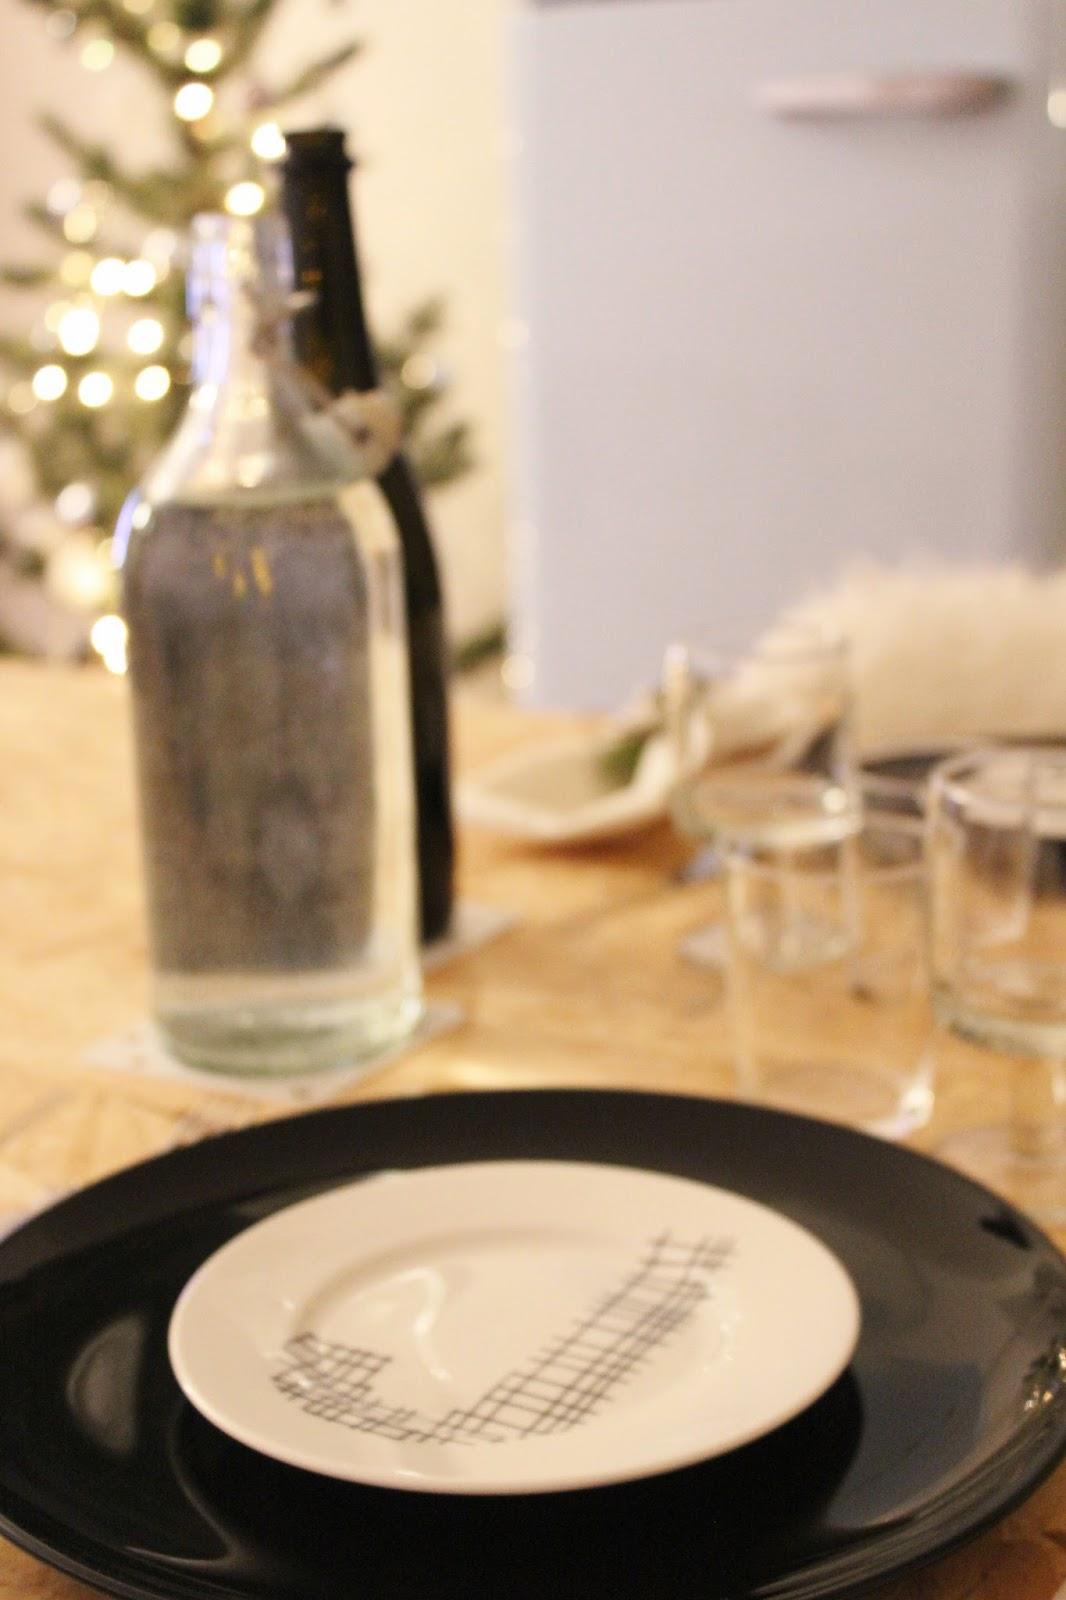 natale in relax: come apparecchiare la tavola con poche idee semplici e veloci